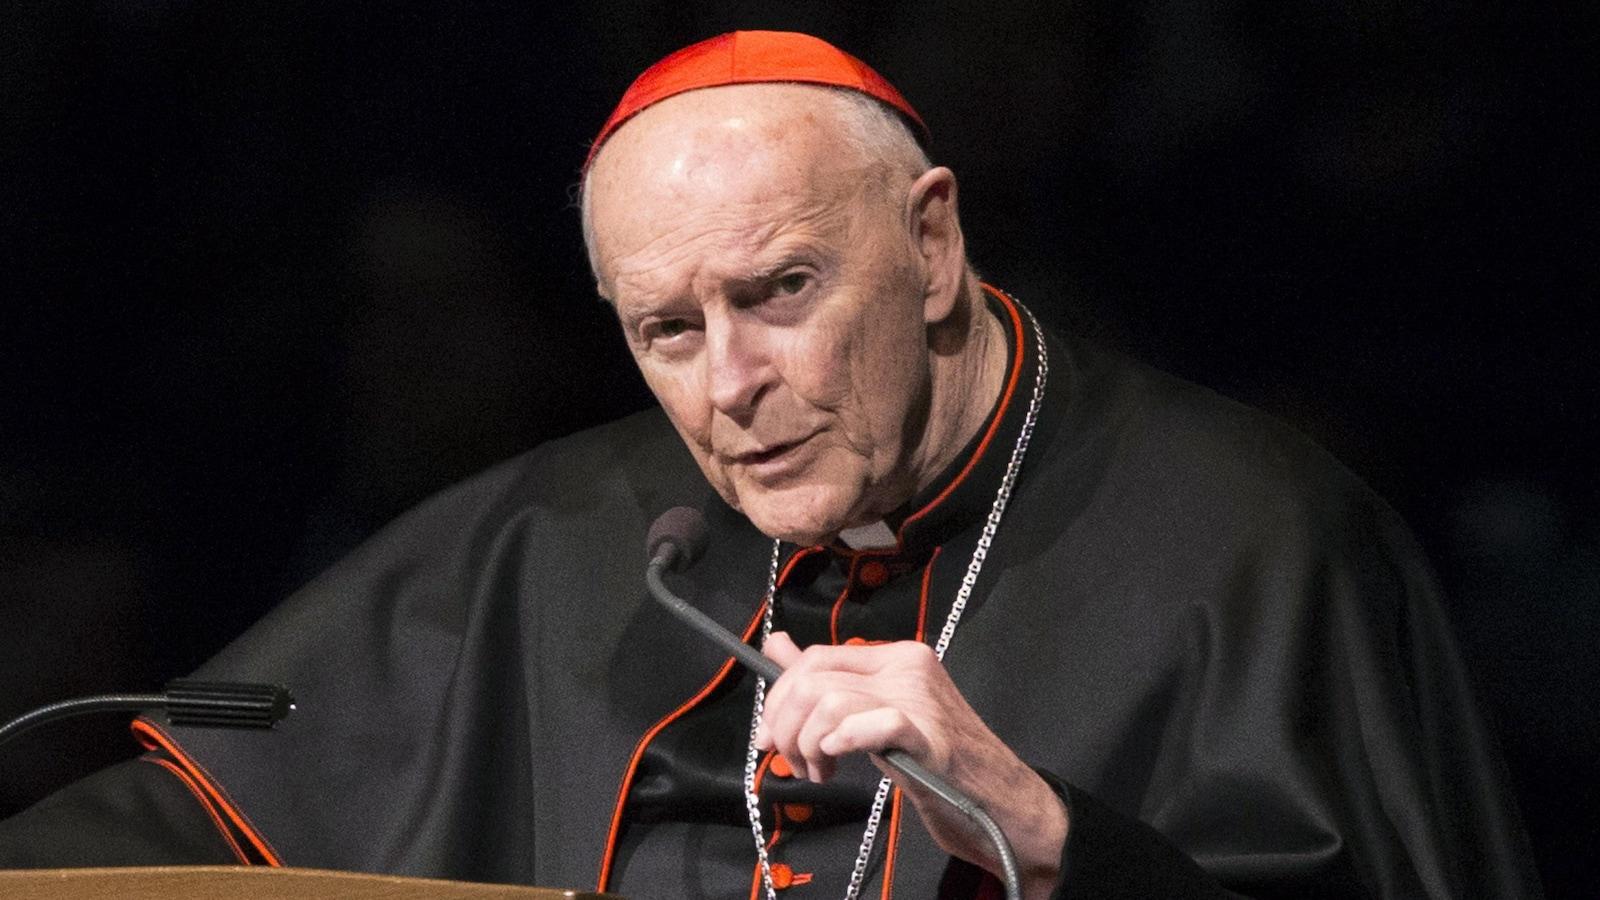 Le pape ordonne une enquête sur l'ancien cardinal américain Theodore McCarrick.